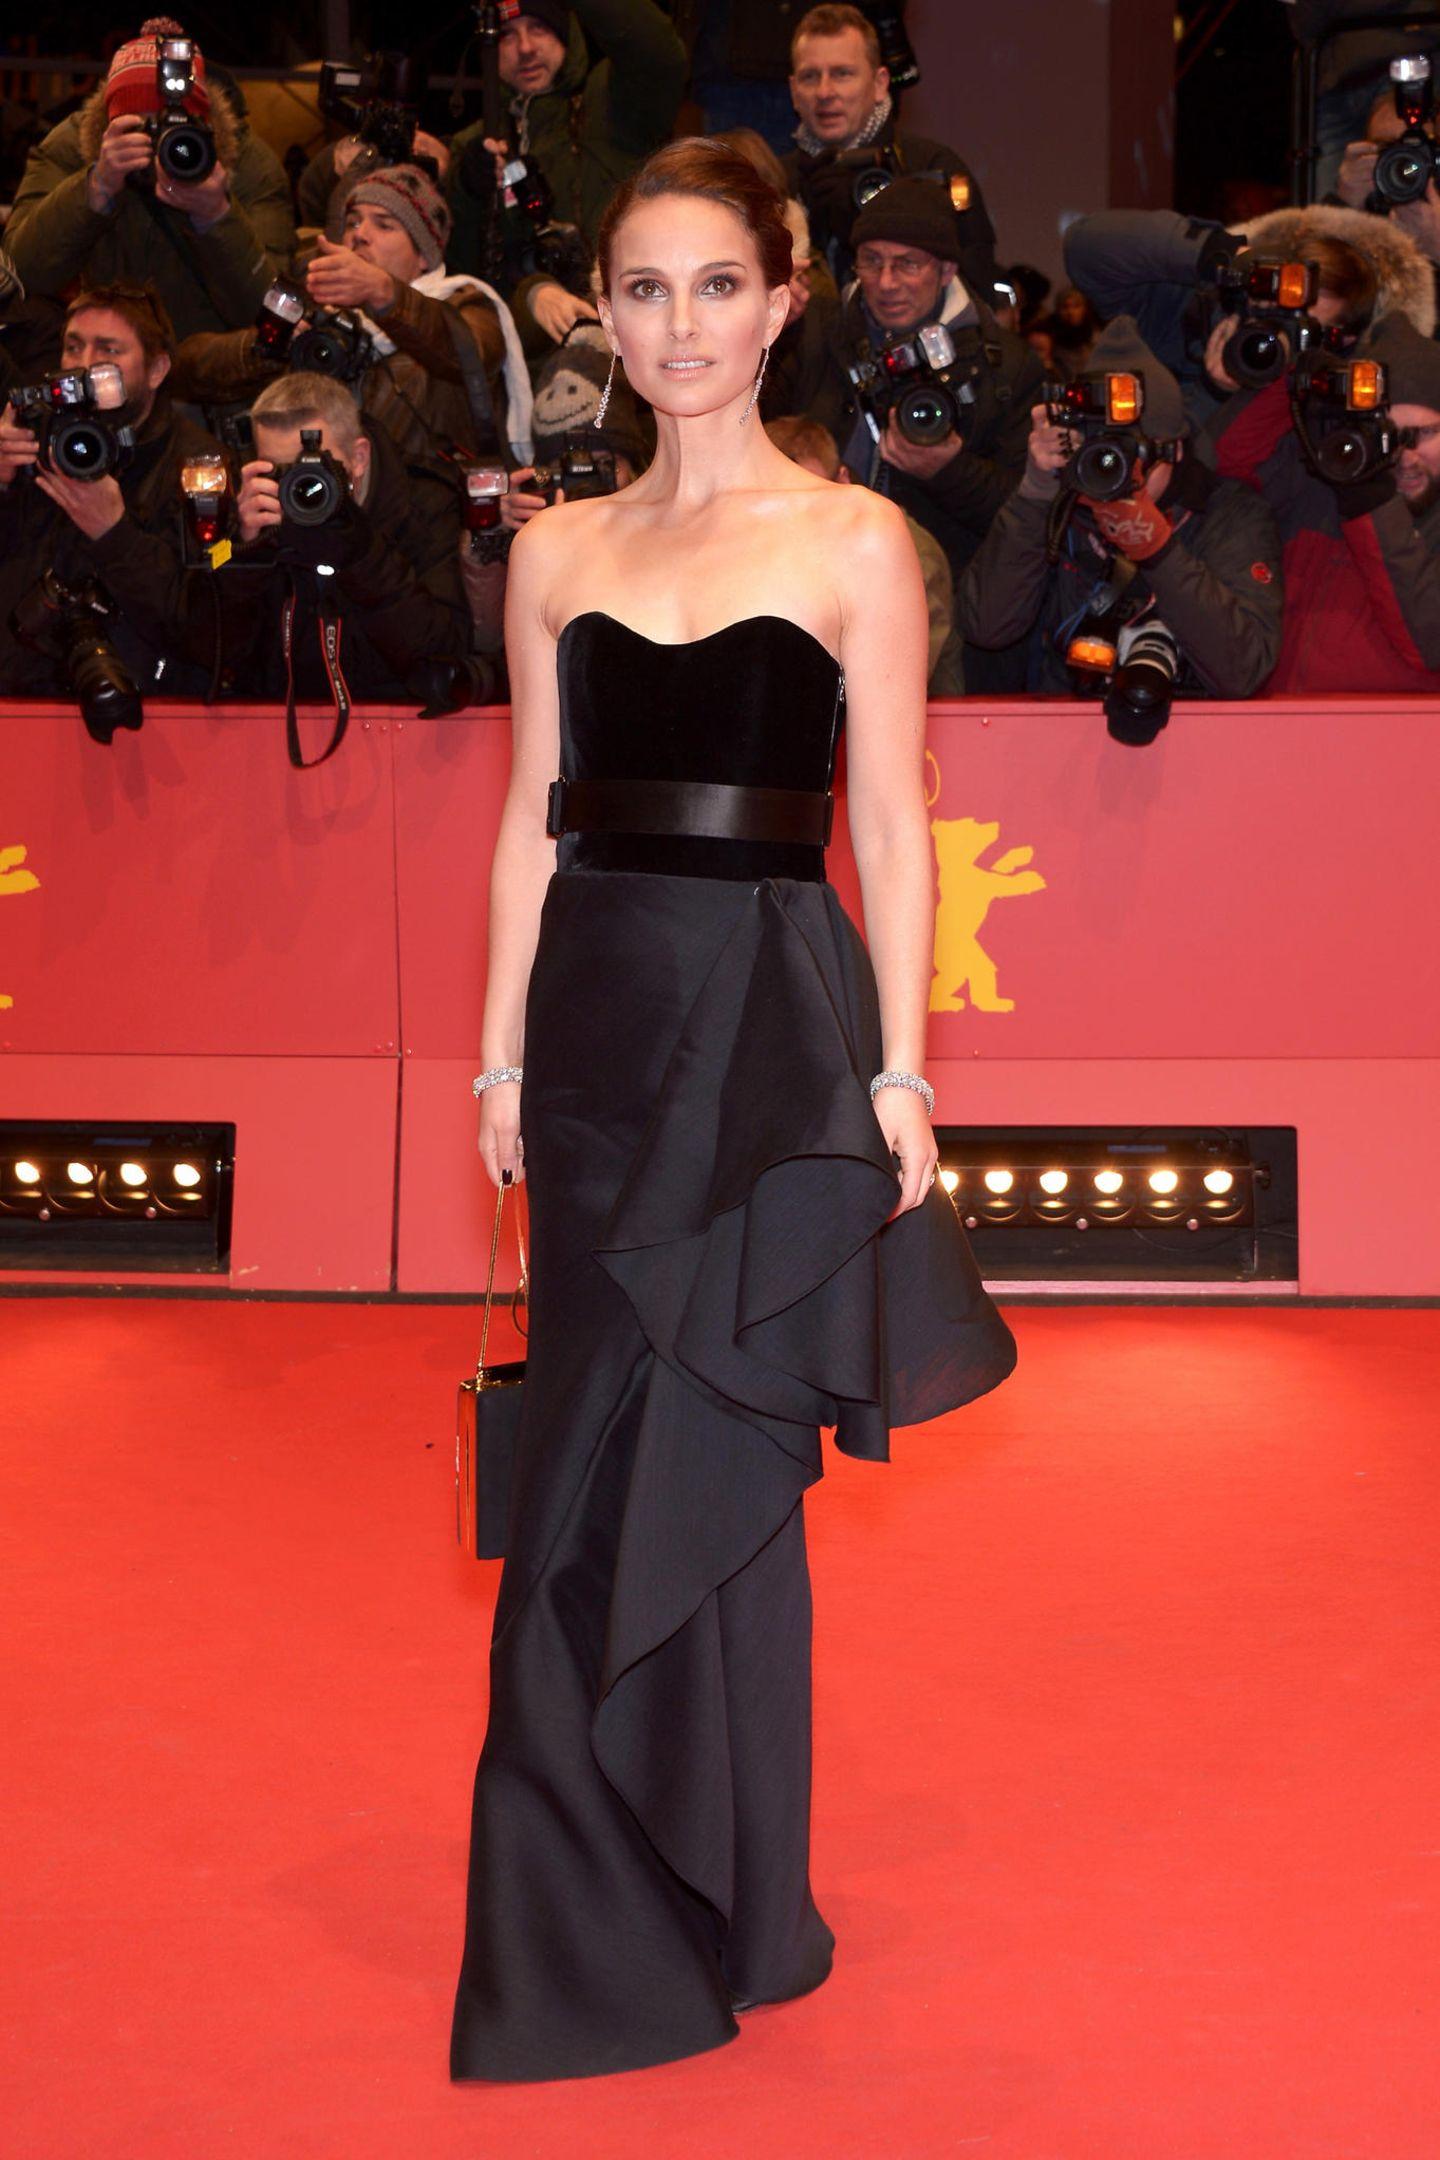 """Schon einen Tag zuvor hatte Natalie Portman mit diesem eleganten Bustier-Kleid von Lanvin die Gäste der """"Knight of Cups""""-Premiere begeistert."""